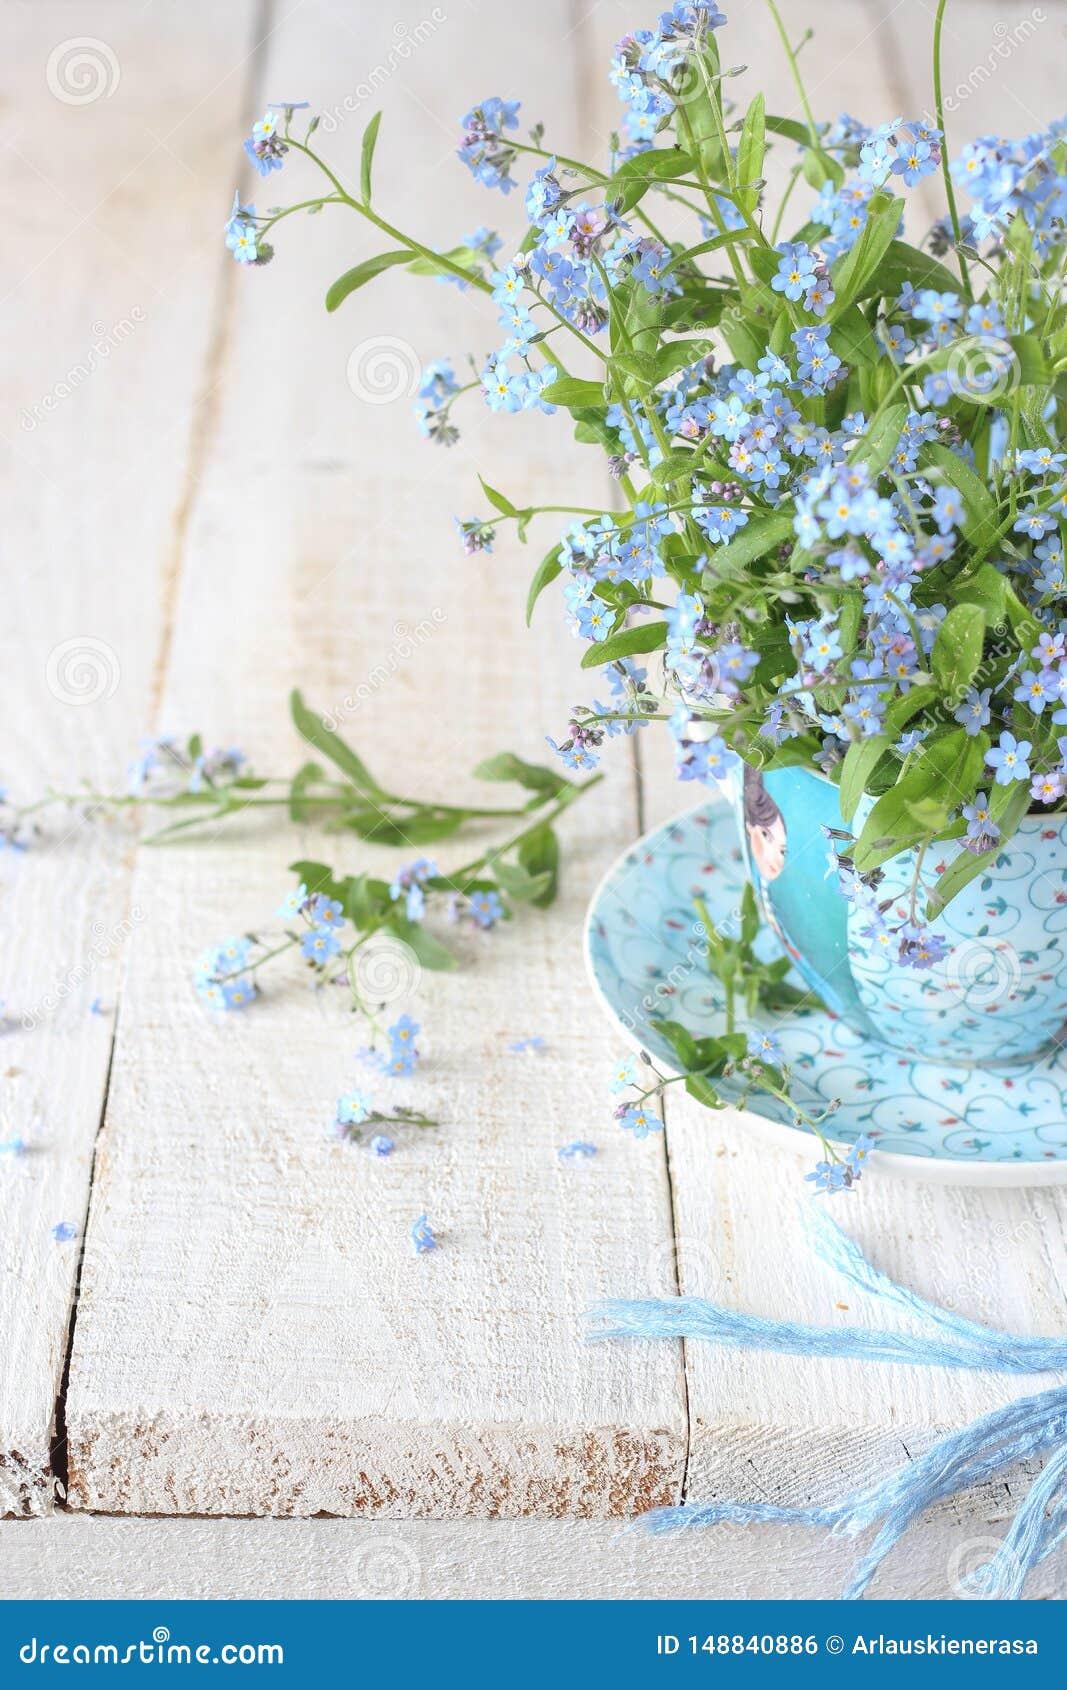 Stilleven met uiterst kleine de lentebloemen in een blauwe kop